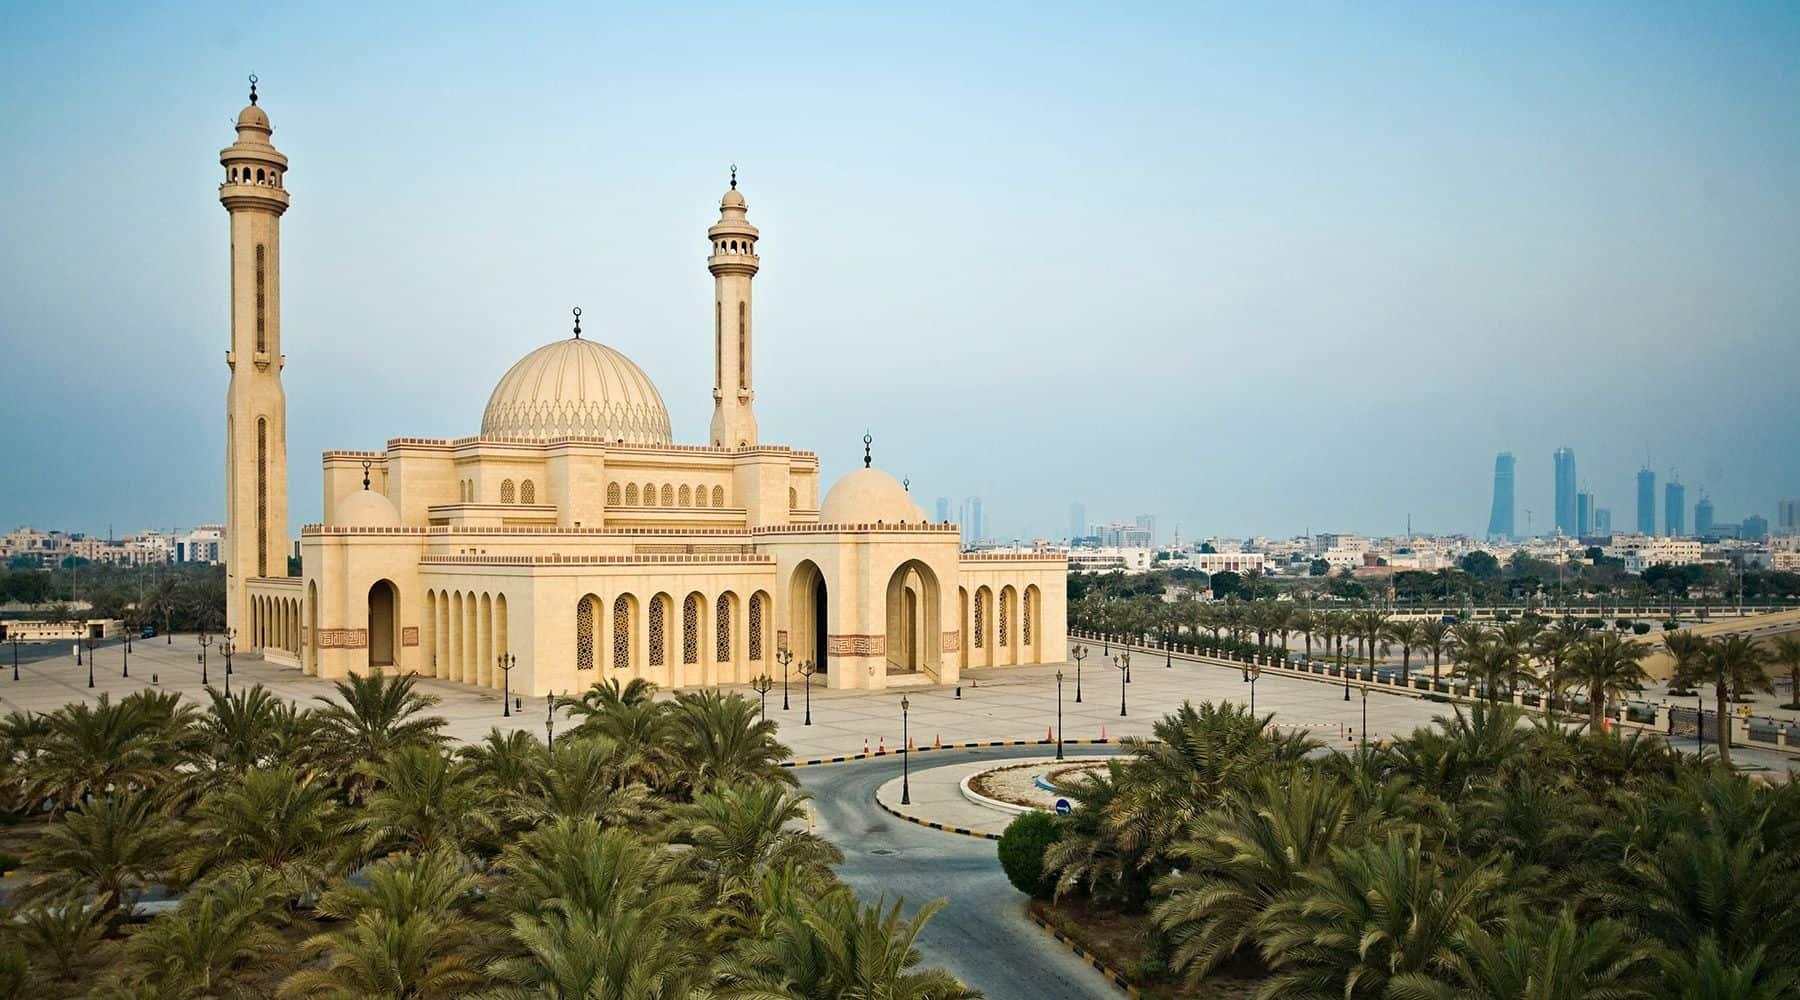 جامع أحمد الفاتح الكبير